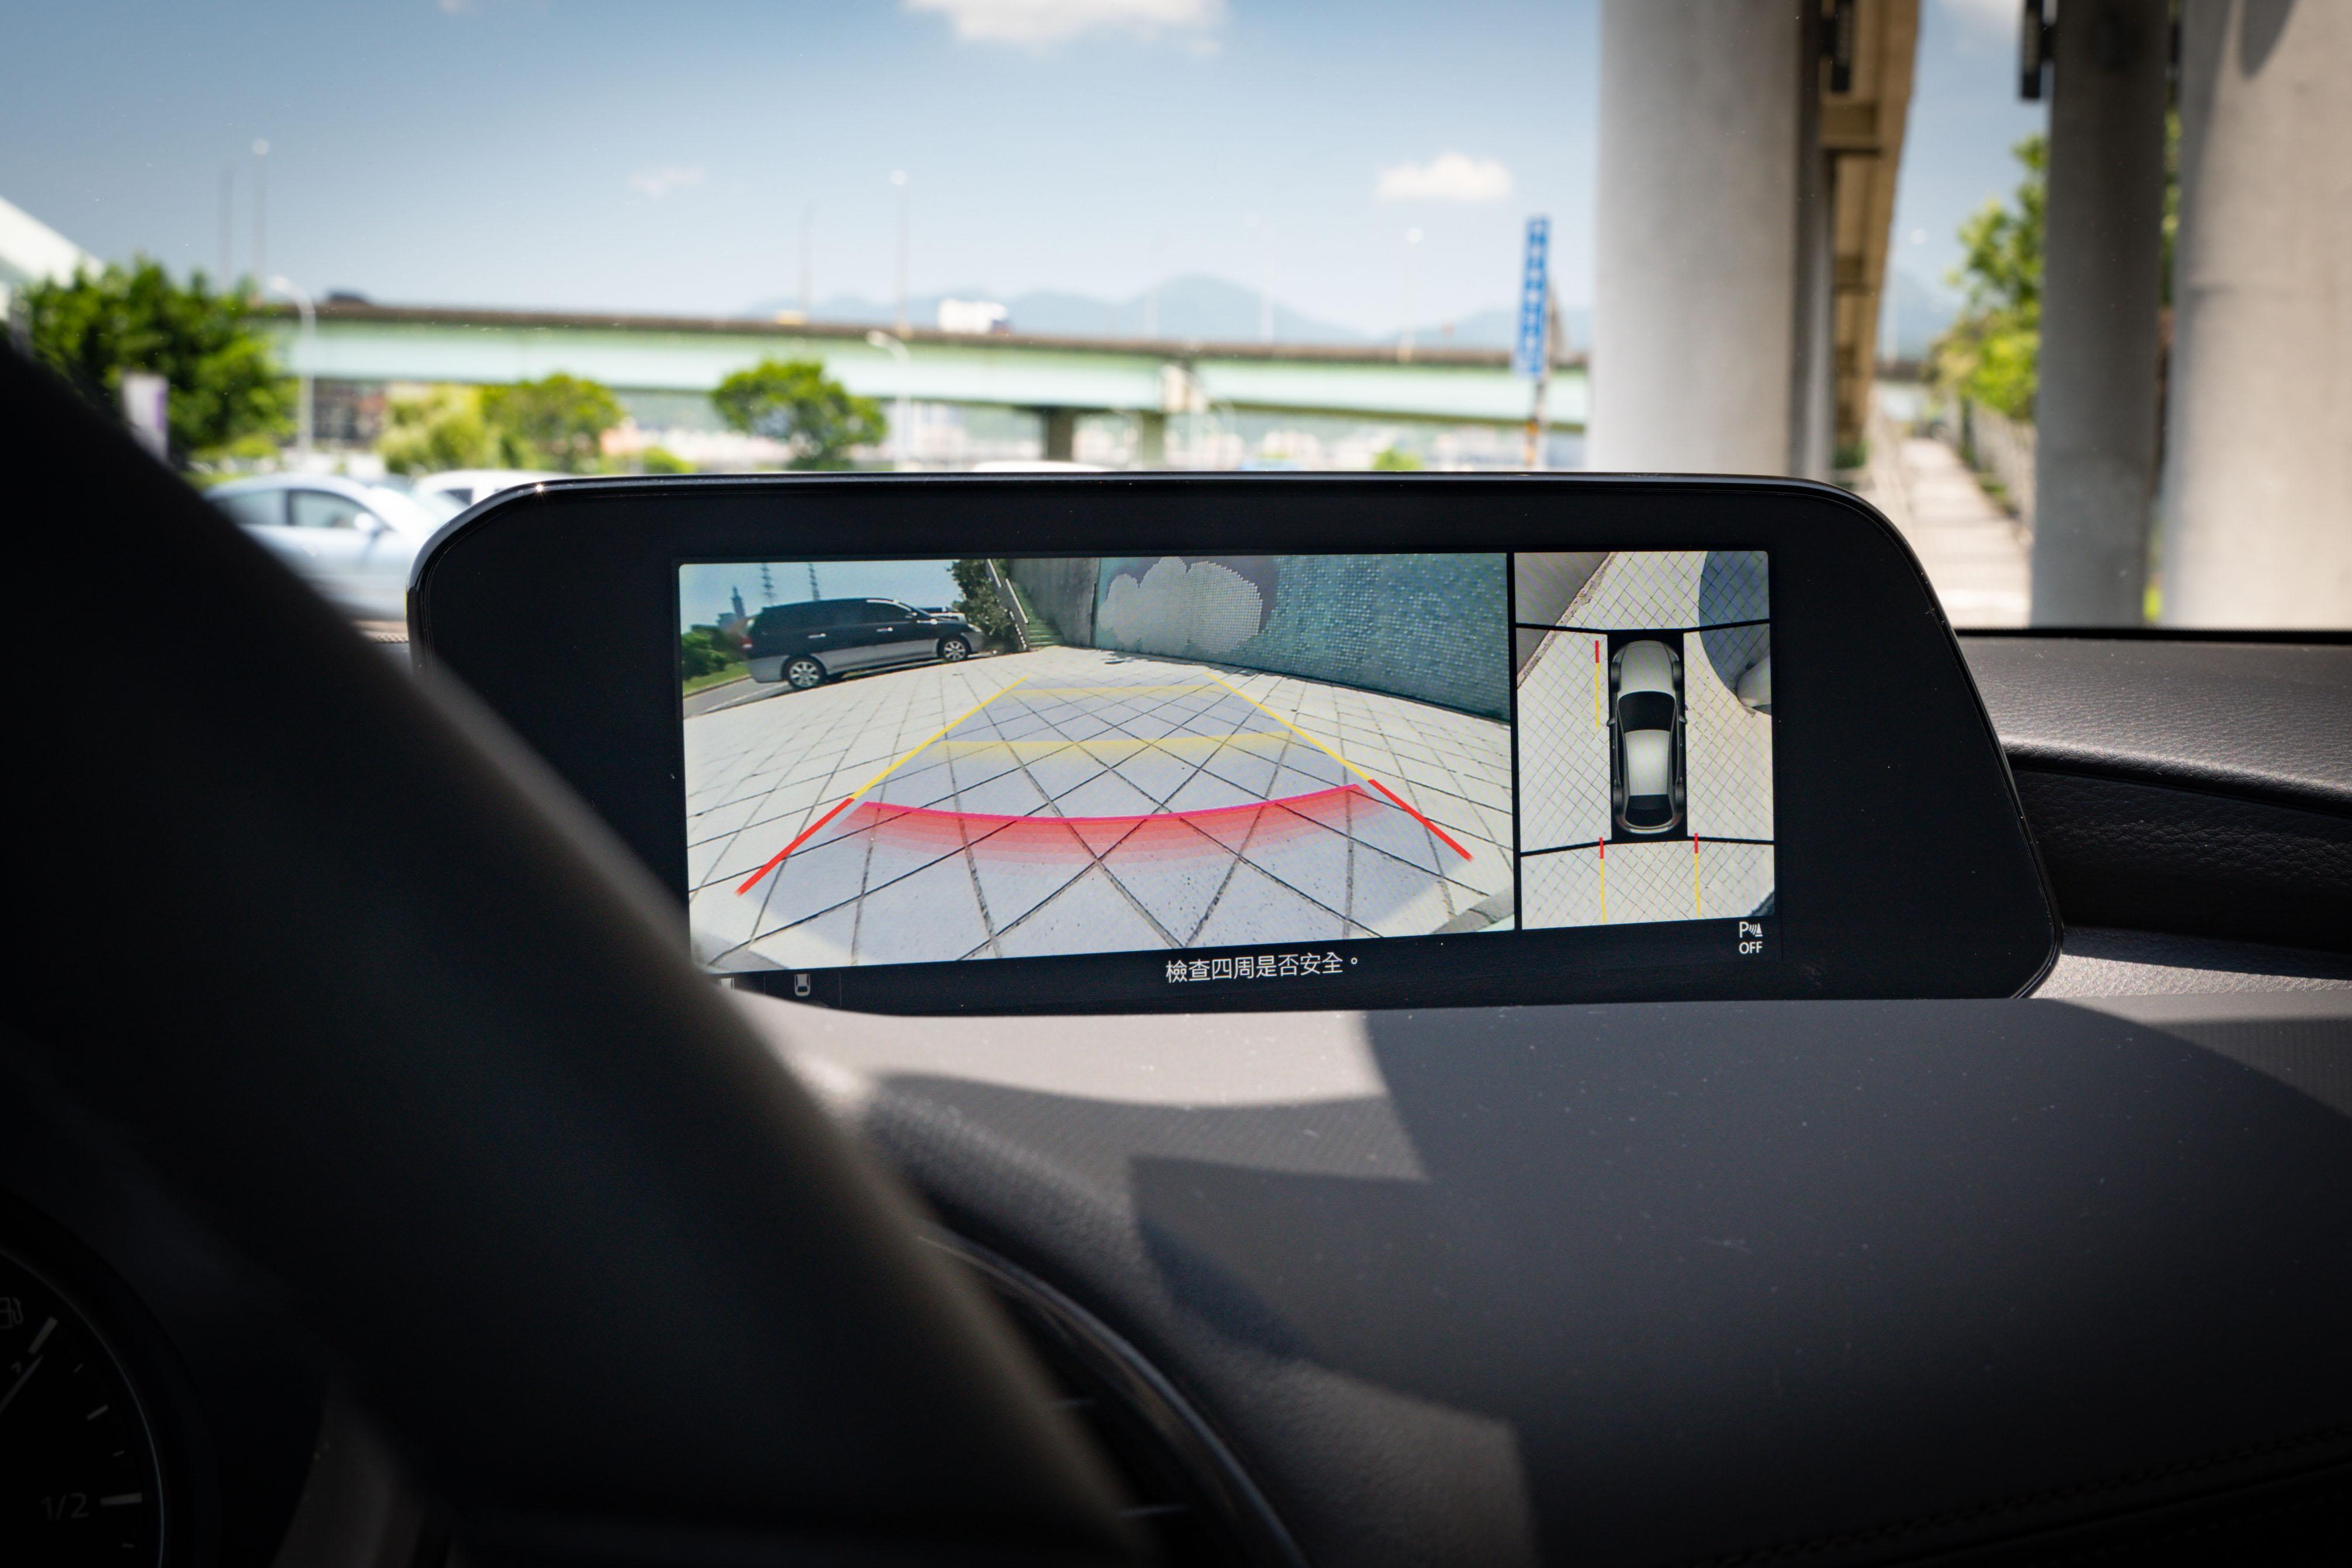 倒車顯影系統畫質非常清晰,360° 環景輔助系統為旗艦型、旗艦進化型配備。